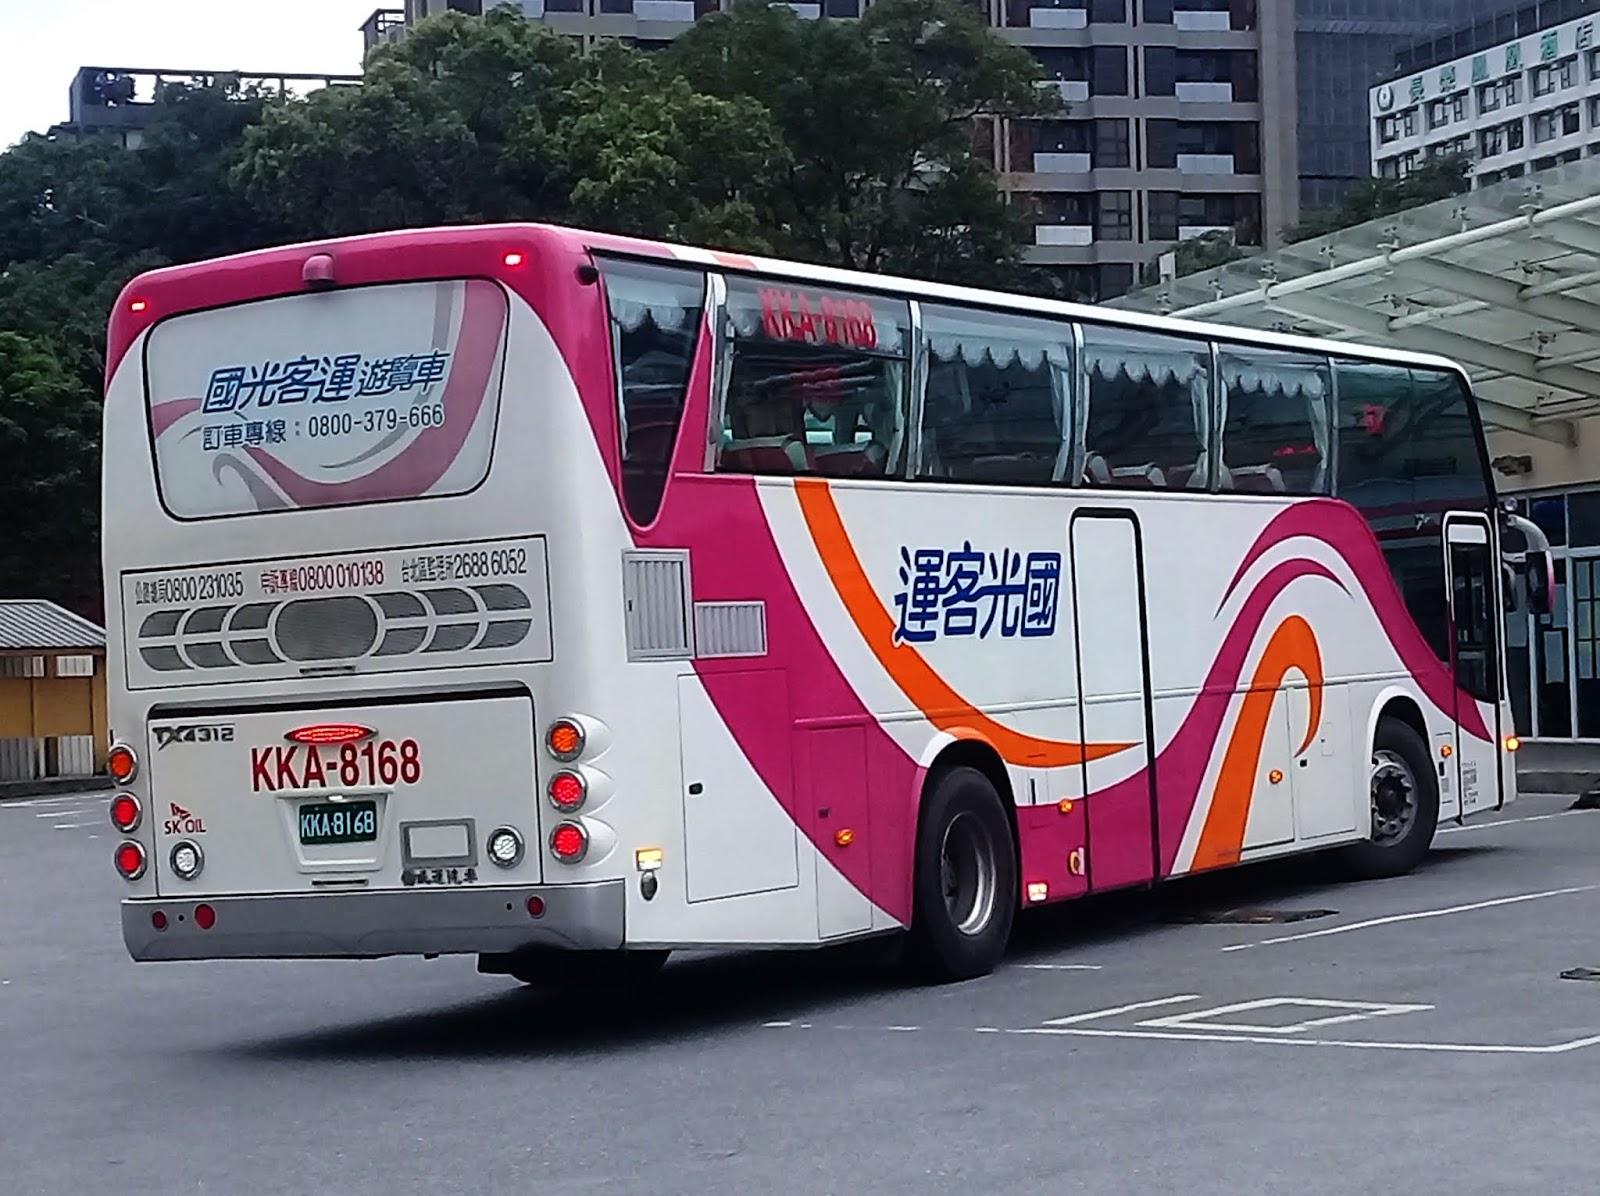 就是愛公車: 20200227 1881 圓山-礁溪 搭乘紀錄